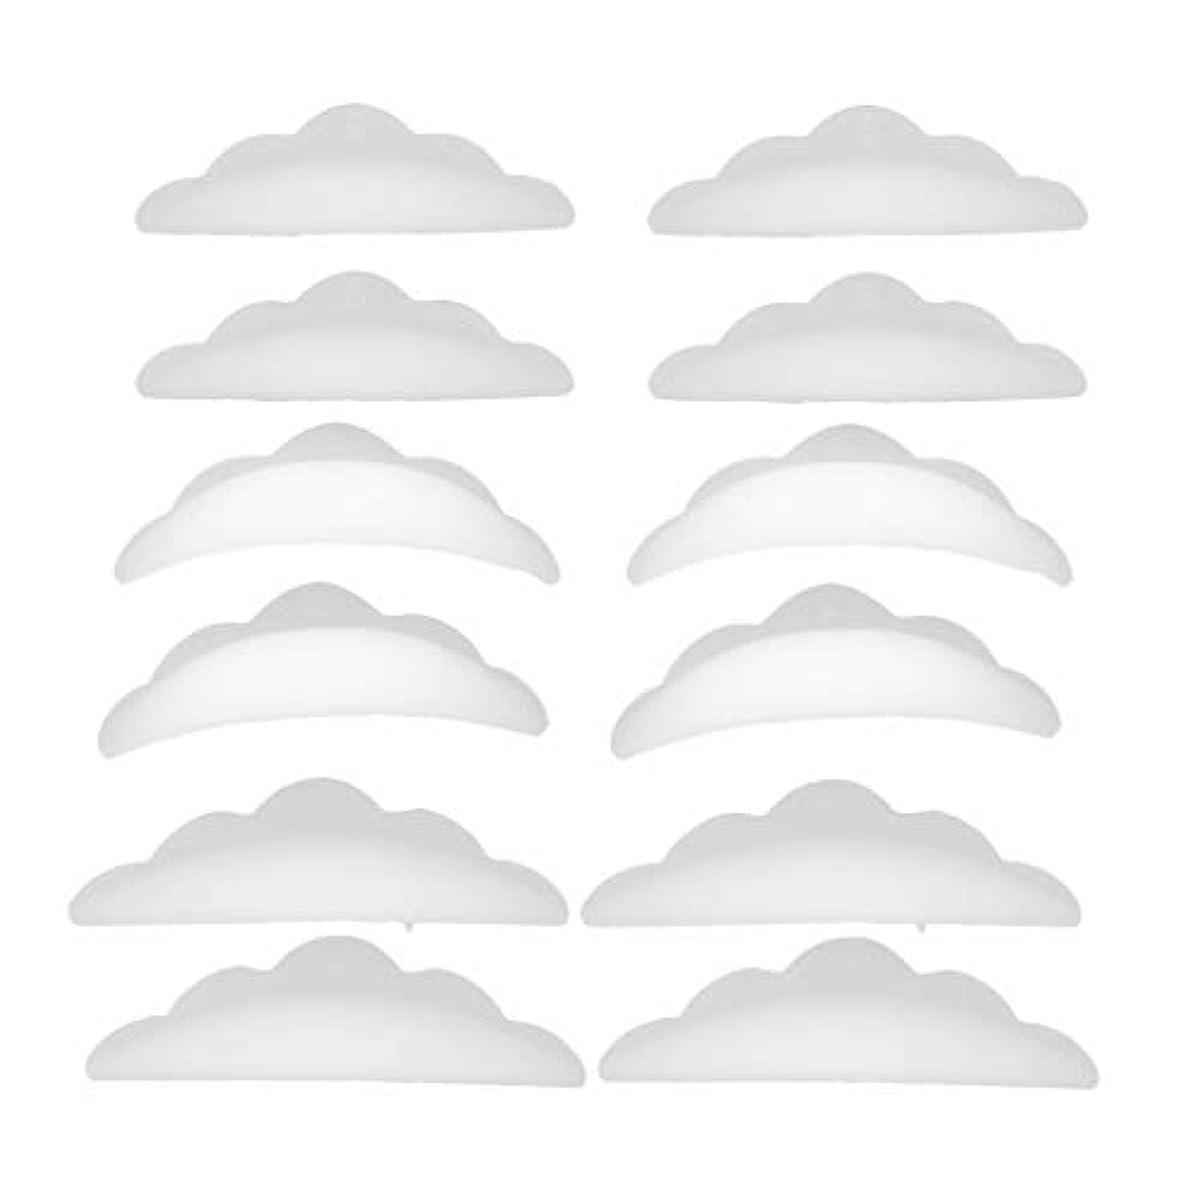 上がる処分したマニュアルまつげパーマ シリコンパッド まつげパッド メイクアップアーティスト アクセサリー 約12本入り